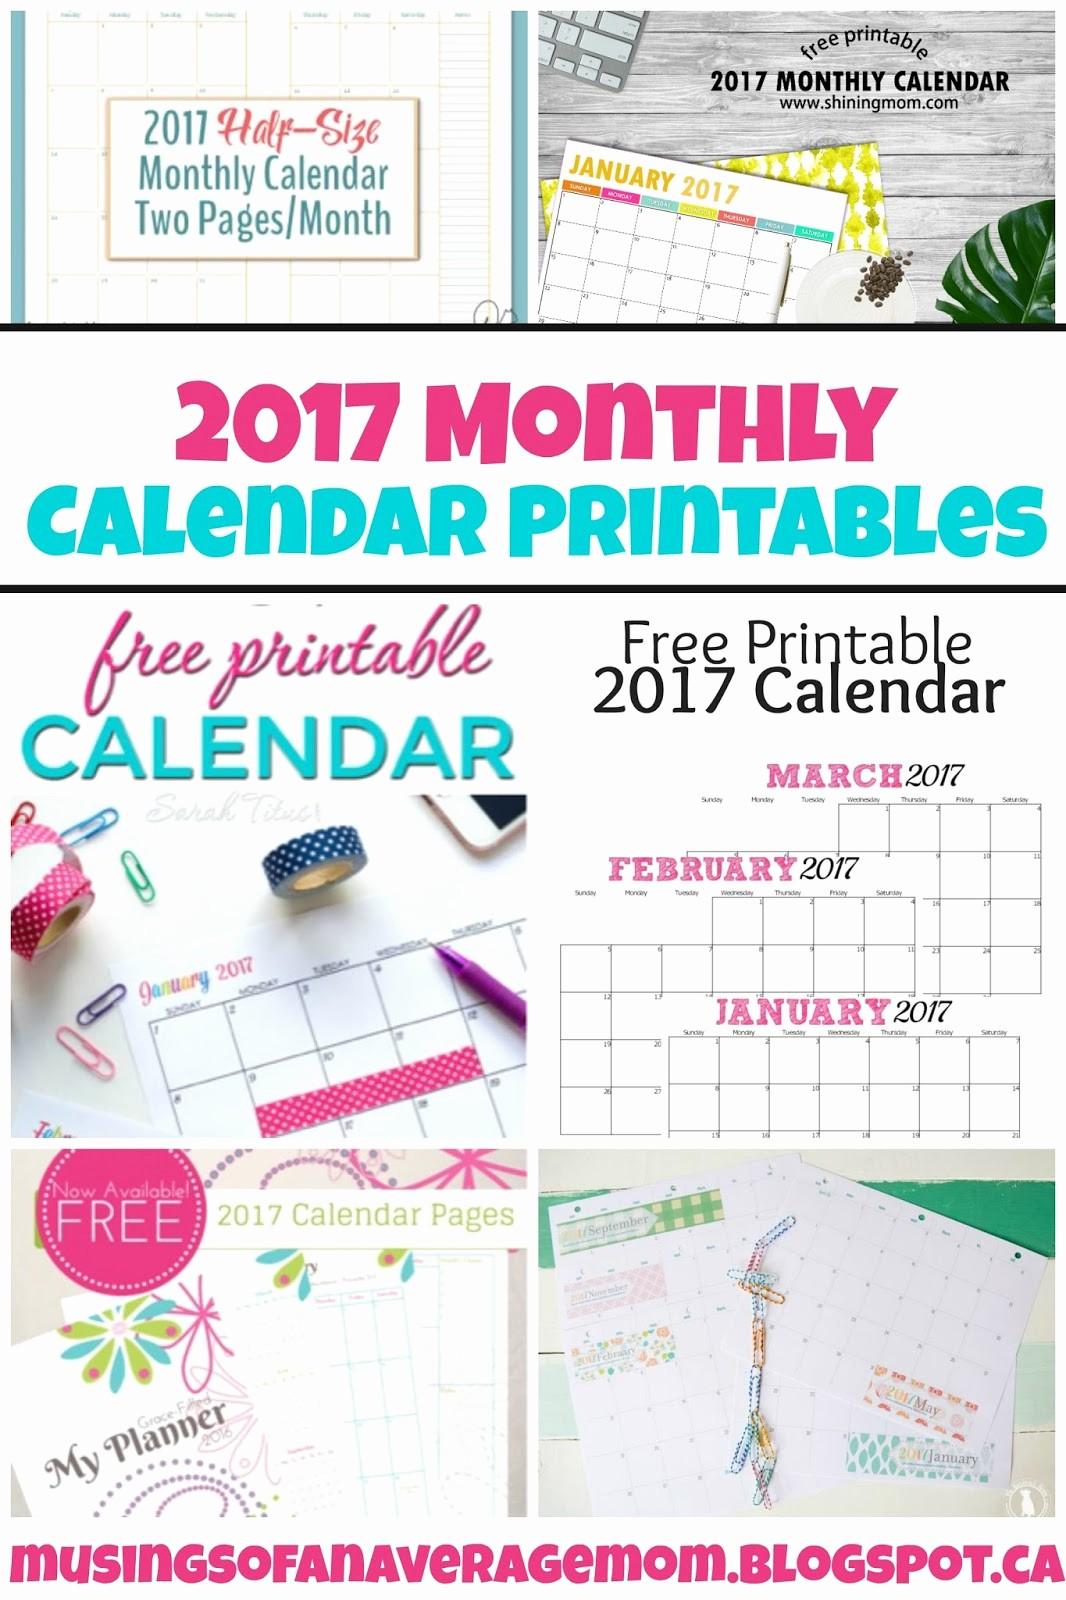 Free Printable Weekly Calendars 2017 Elegant Musings Of An Average Mom 2017 Monthly Calendars